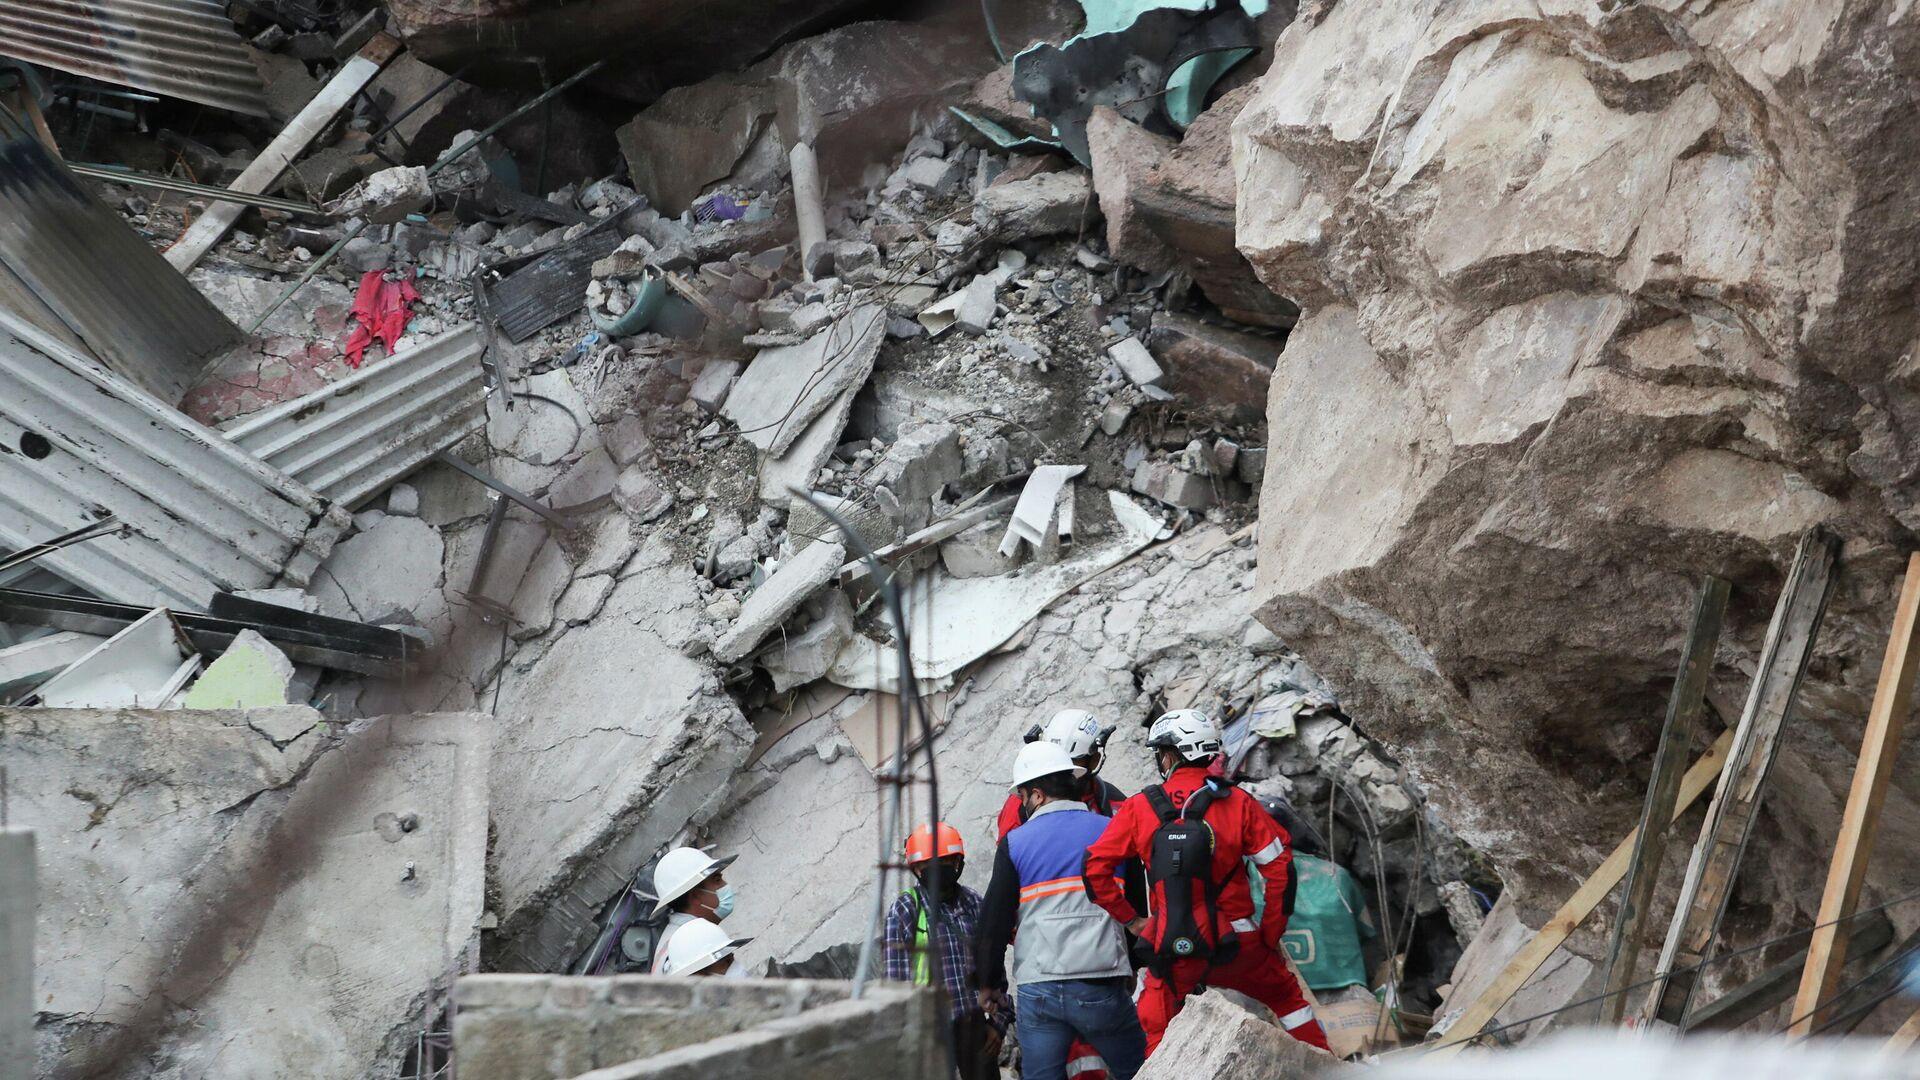 Un grupo de rescatistas hace su labor tras el derrumbe de una enorme roca en el municipio Tlalnepantla, Estado de México, el 10 de septiembre - Sputnik Mundo, 1920, 10.09.2021